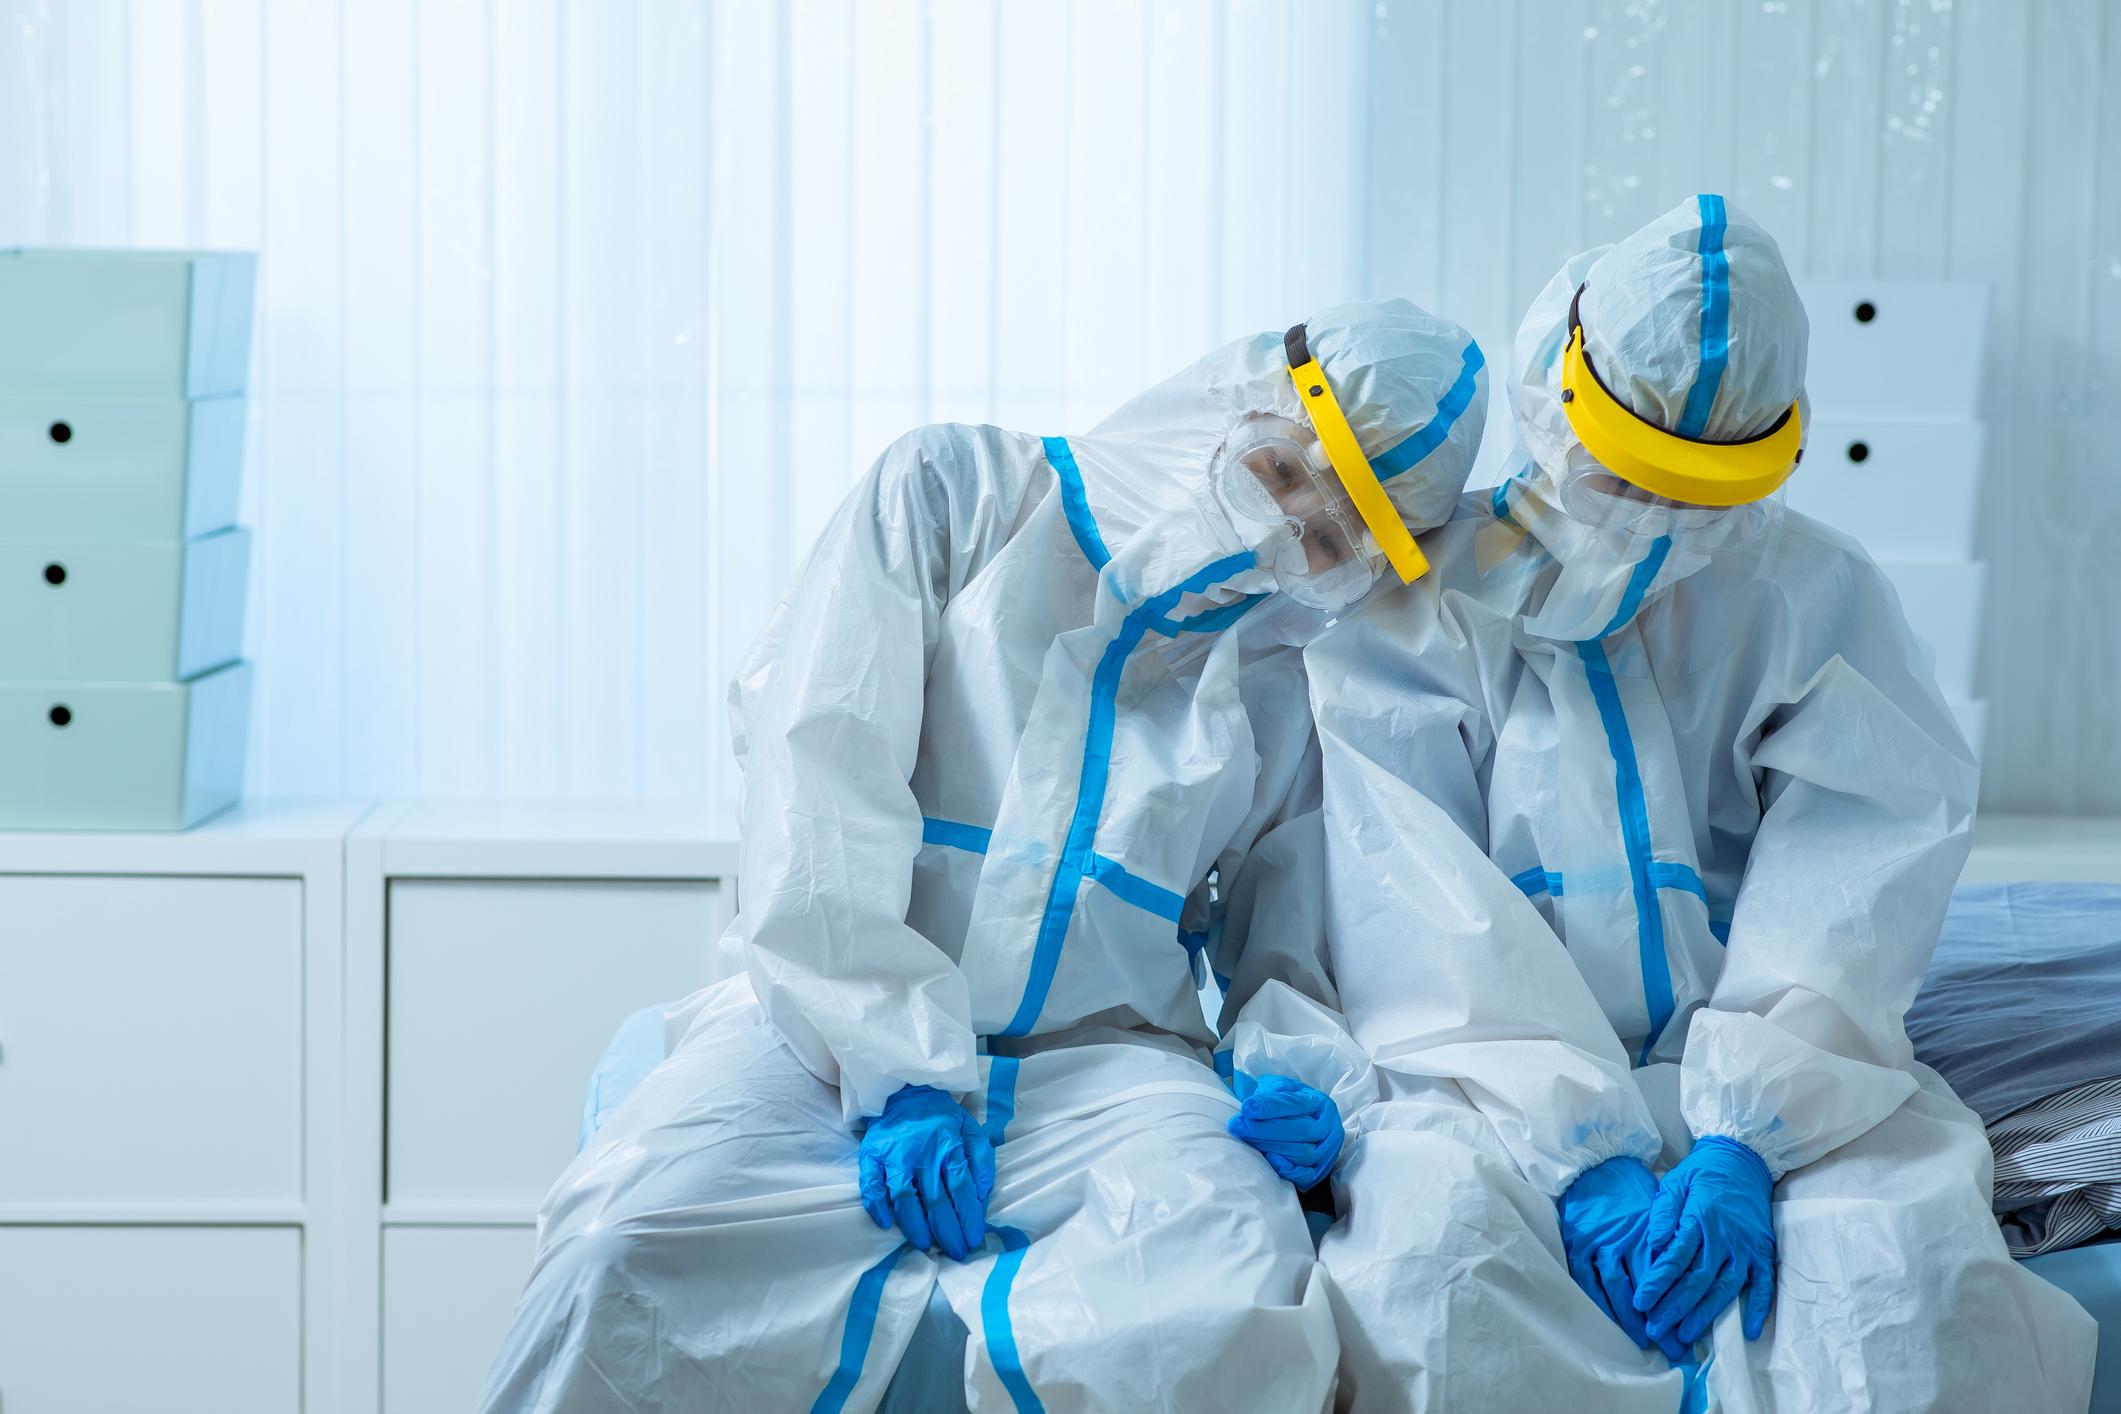 การระบาดใหญ่ของ COVID-19 ส่งผลให้คนทำงานภาคสาธารณสุขทำงานหนักขึ้นหลายเท่า